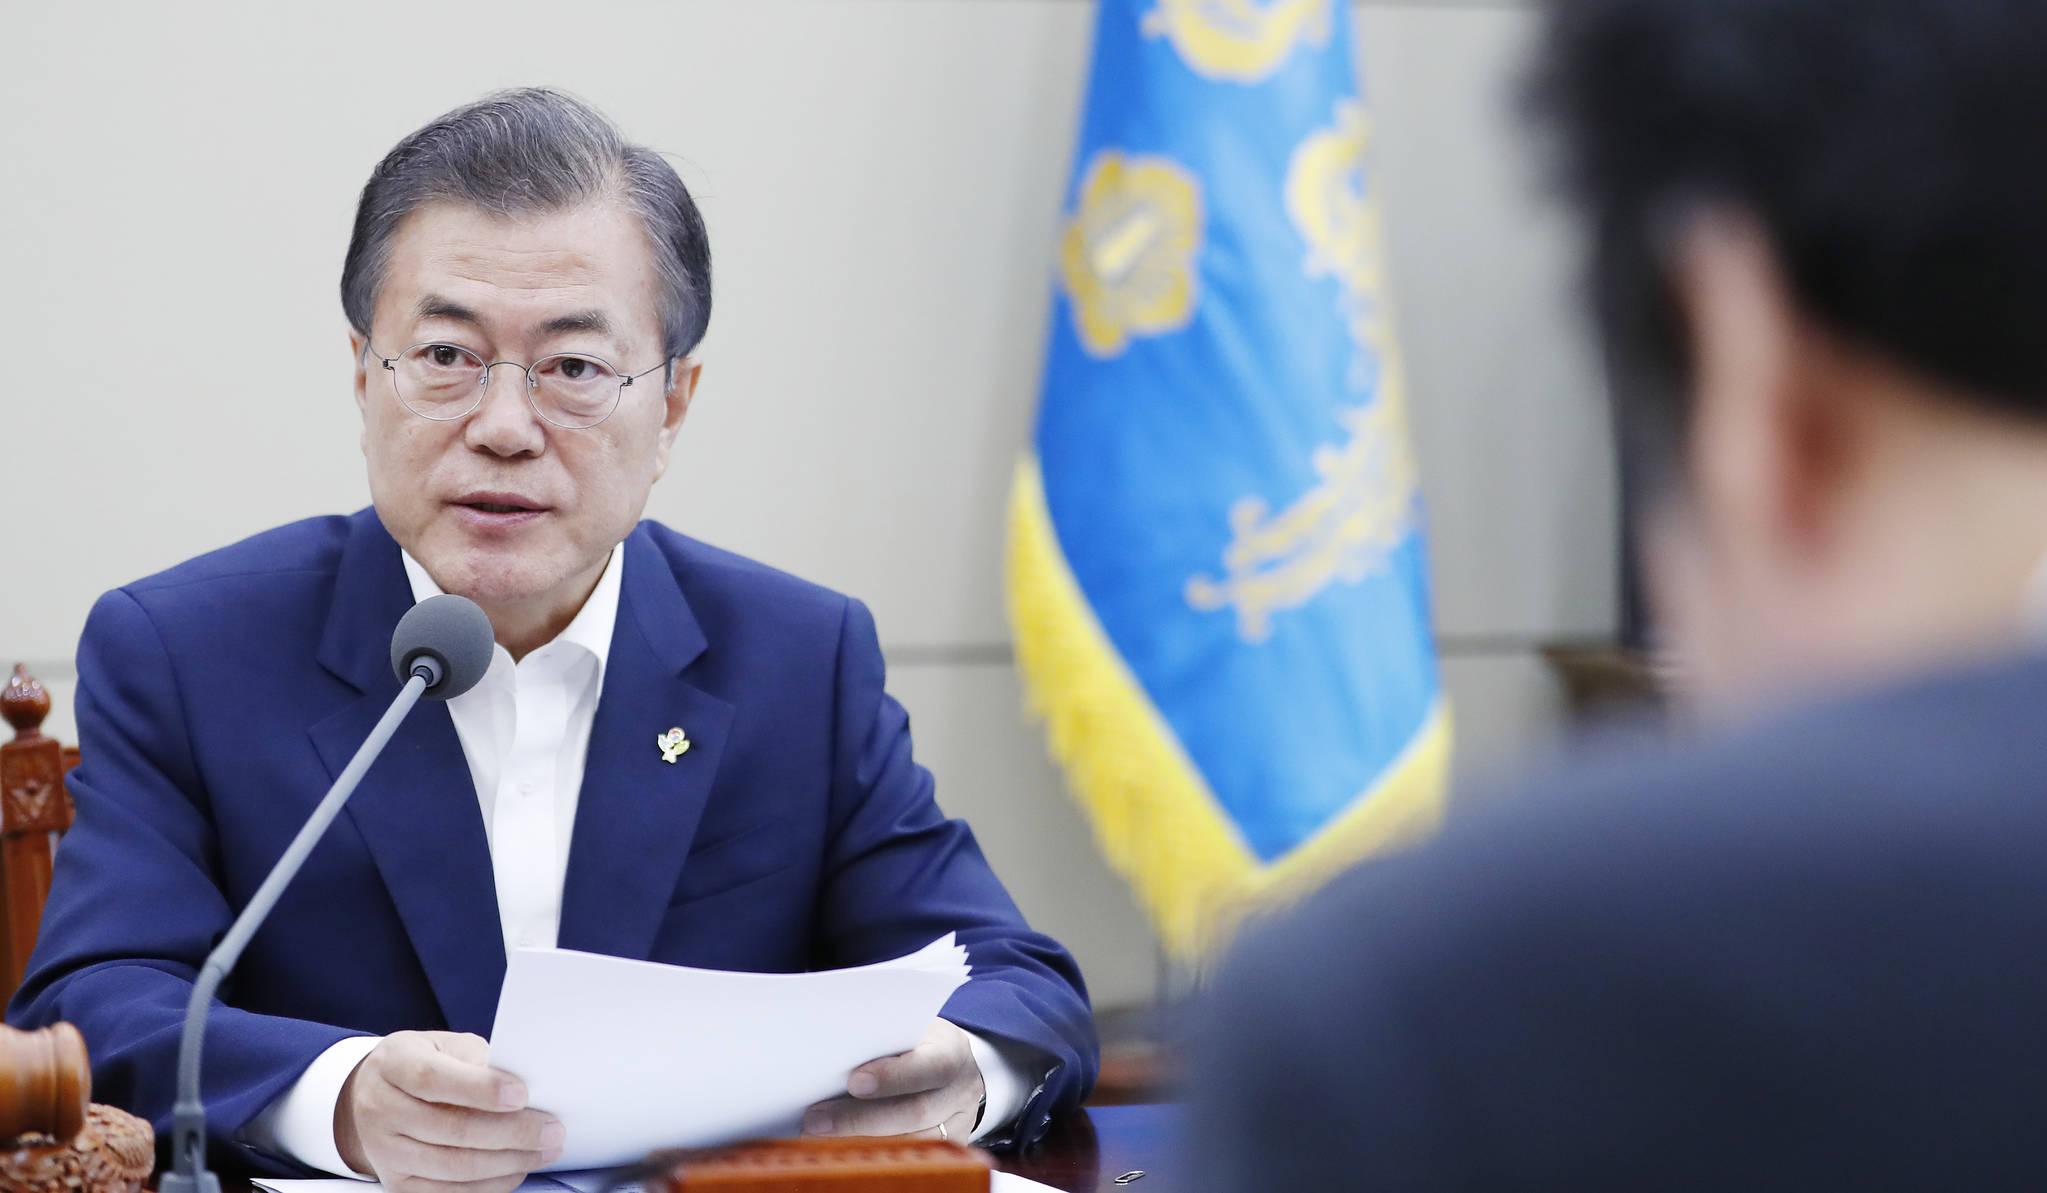 문재인 대통령, 드루킹 사건 특검보에 박상융·김대호·최득신 임명